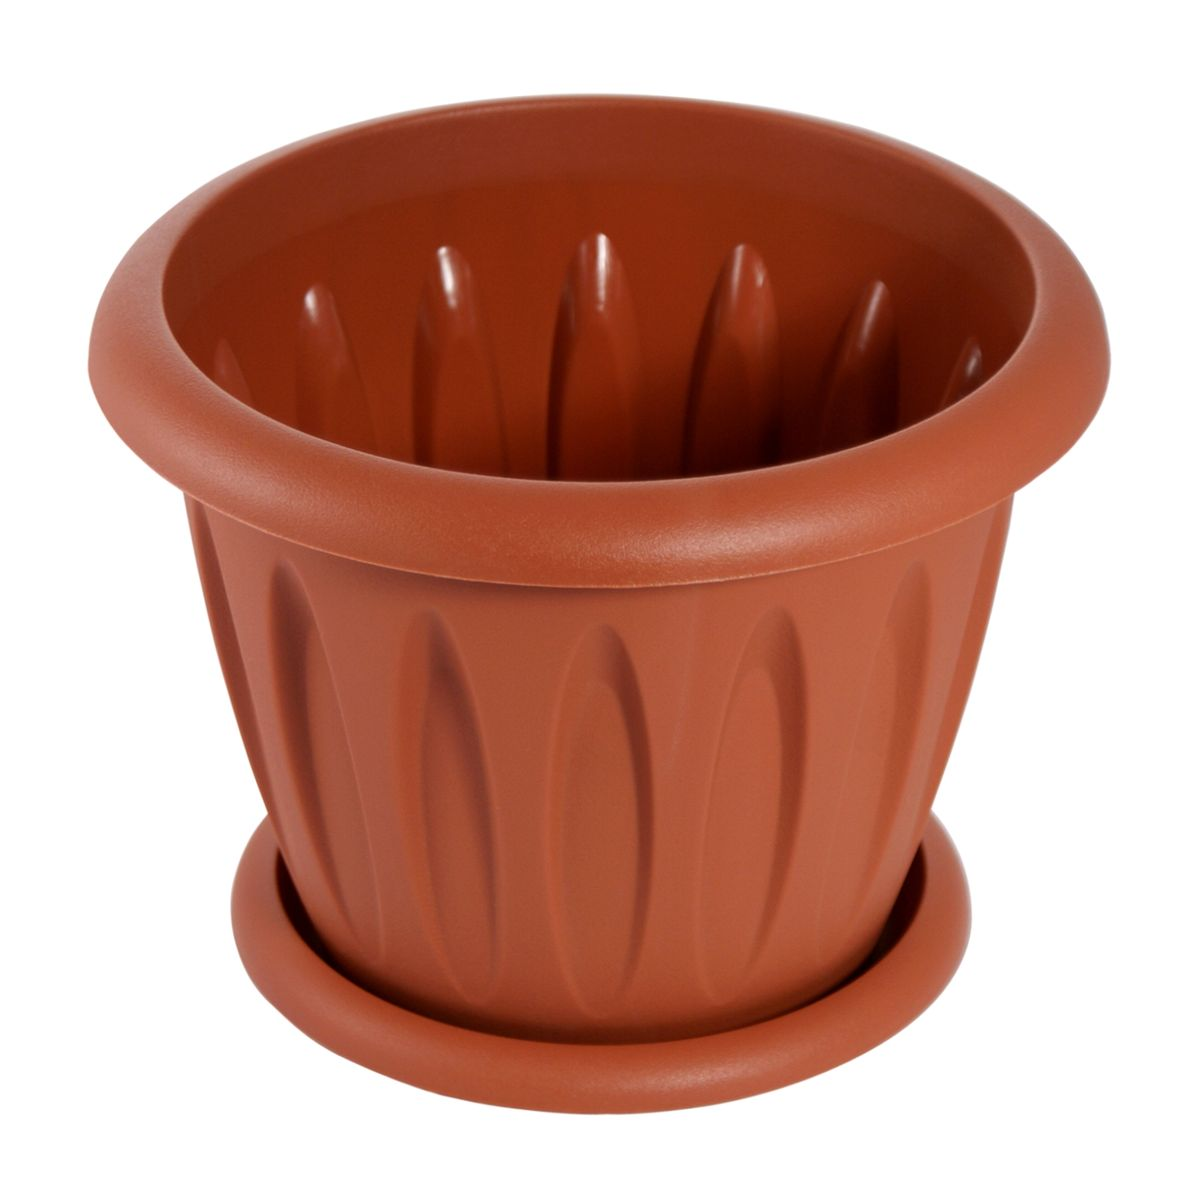 Горшок для цветов Martika Фелиция, с поддоном, цвет: терракотовый, 1,8 лMRC103TЛюбой, даже самый современный и продуманный интерьер будет не завершённым без растений. Они не только очищают воздух и насыщают его кислородом, но и заметно украшают окружающее пространство. Такому полезному &laquo члену семьи&raquoпросто необходимо красивое и функциональное кашпо, оригинальный горшок или необычная ваза! Мы предлагаем - Горшок для растений Фелиция 1,8 л d=18 см с поддоном, цвет терракотовый!Оптимальный выбор материала &mdash &nbsp пластмасса! Почему мы так считаем? Малый вес. С лёгкостью переносите горшки и кашпо с места на место, ставьте их на столики или полки, подвешивайте под потолок, не беспокоясь о нагрузке. Простота ухода. Пластиковые изделия не нуждаются в специальных условиях хранения. Их&nbsp легко чистить &mdashдостаточно просто сполоснуть тёплой водой. Никаких царапин. Пластиковые кашпо не царапают и не загрязняют поверхности, на которых стоят. Пластик дольше хранит влагу, а значит &mdashрастение реже нуждается в поливе. Пластмасса не пропускает воздух &mdashкорневой системе растения не грозят резкие перепады температур. Огромный выбор форм, декора и расцветок &mdashвы без труда подберёте что-то, что идеально впишется в уже существующий интерьер.Соблюдая нехитрые правила ухода, вы можете заметно продлить срок службы горшков, вазонов и кашпо из пластика: всегда учитывайте размер кроны и корневой системы растения (при разрастании большое растение способно повредить маленький горшок)берегите изделие от воздействия прямых солнечных лучей, чтобы кашпо и горшки не выцветалидержите кашпо и горшки из пластика подальше от нагревающихся поверхностей.Создавайте прекрасные цветочные композиции, выращивайте рассаду или необычные растения, а низкие цены позволят вам не ограничивать себя в выборе.